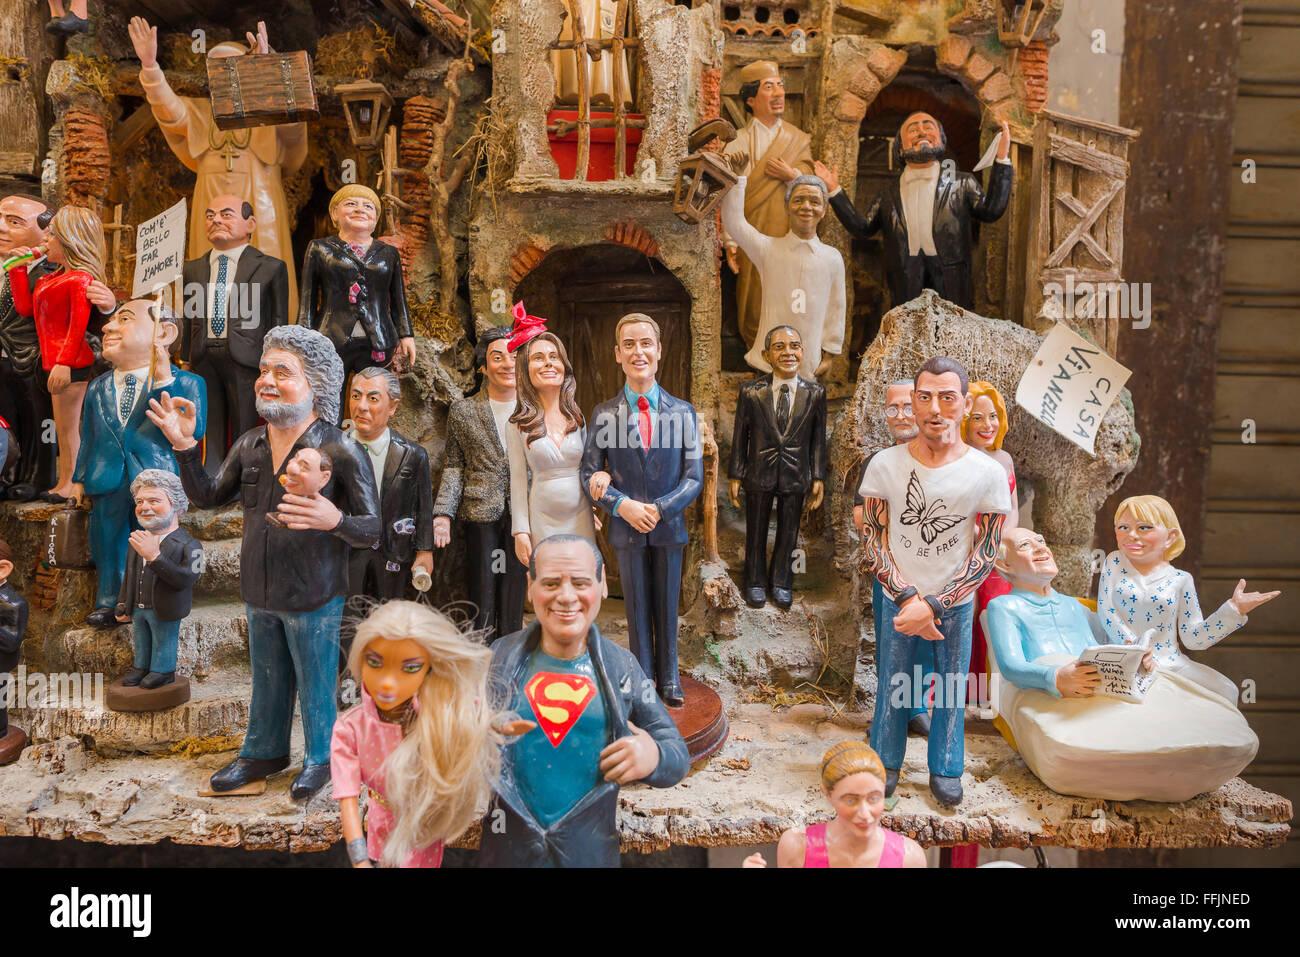 Presepe shop Napoli, un gruppo di celebrità colorate figurine realizzati da artigiani del presepe il negozio nella Via San Gregorio Armeno a Napoli, Italia. Foto Stock